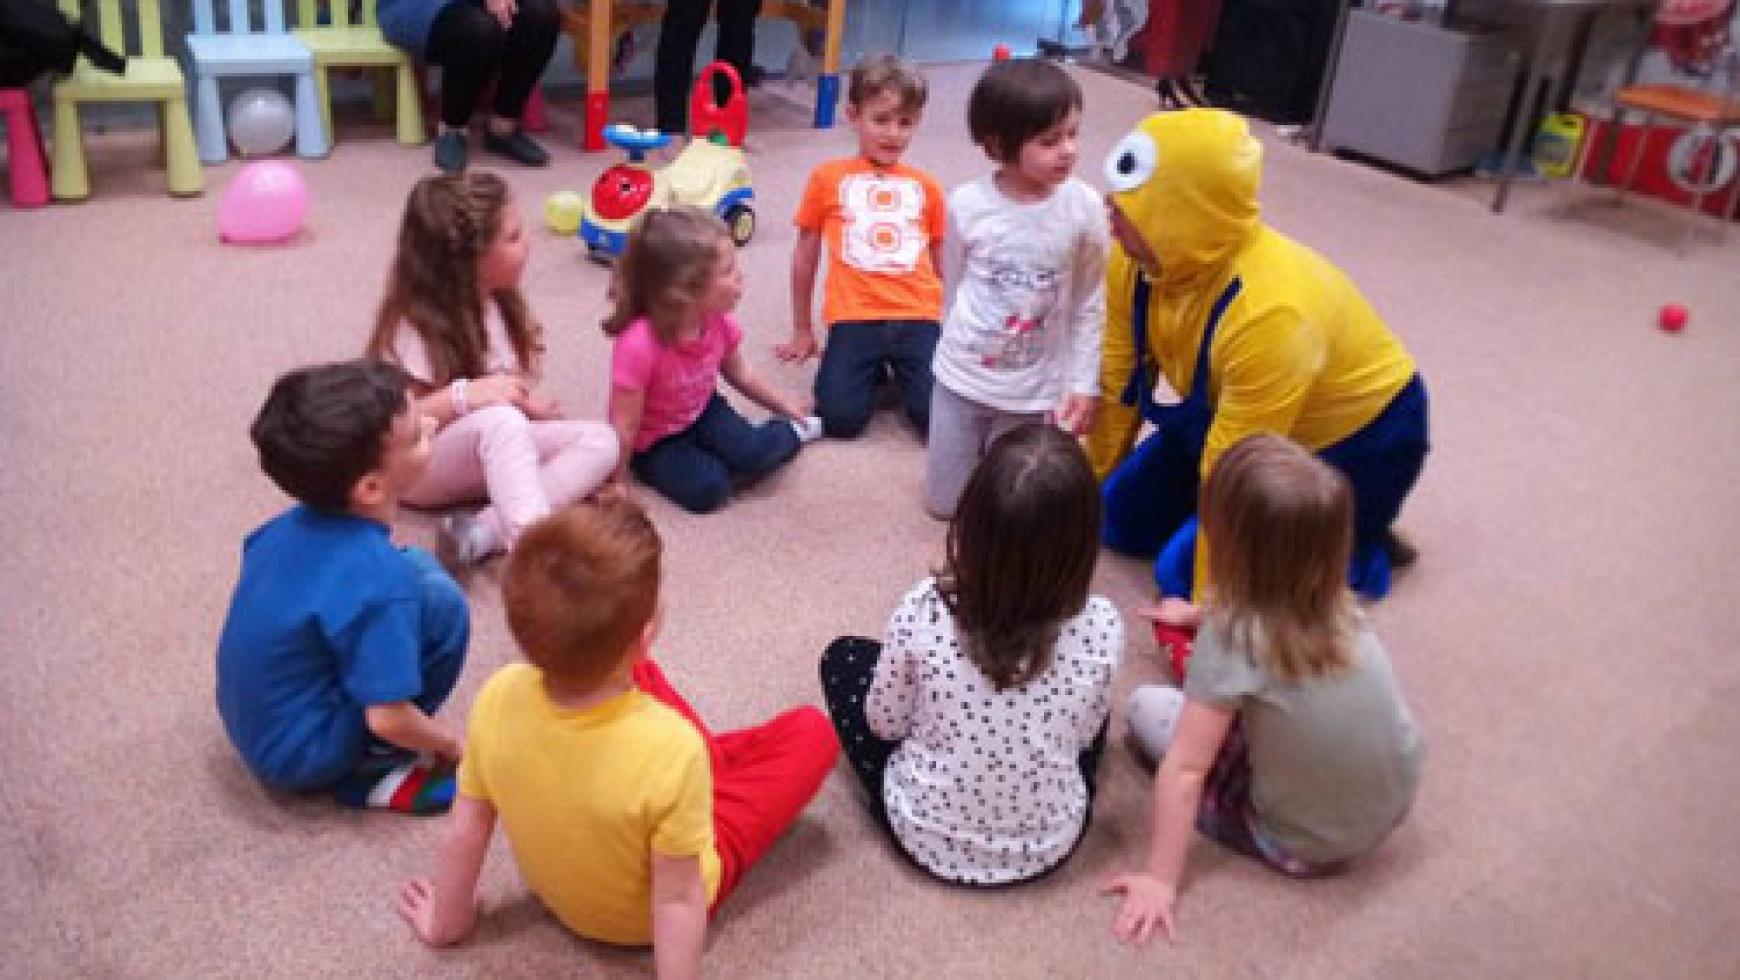 Activitati si jocuri la petrecerea cu minioni